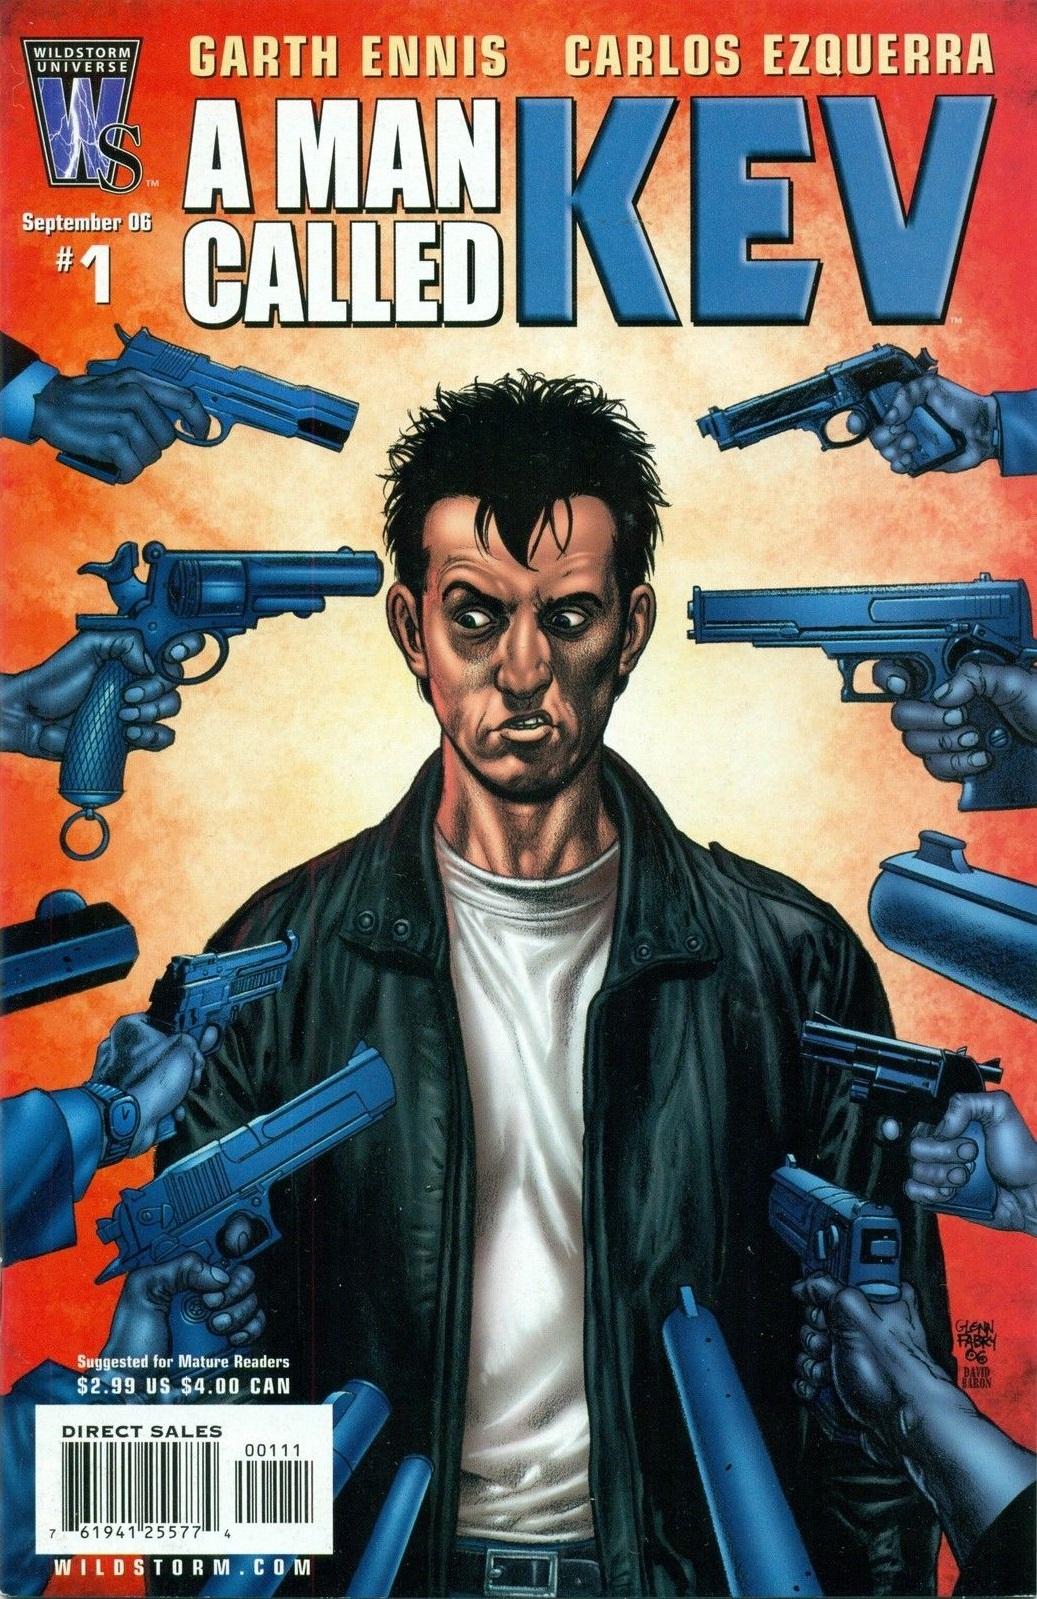 A Man Called Kev Vol 1